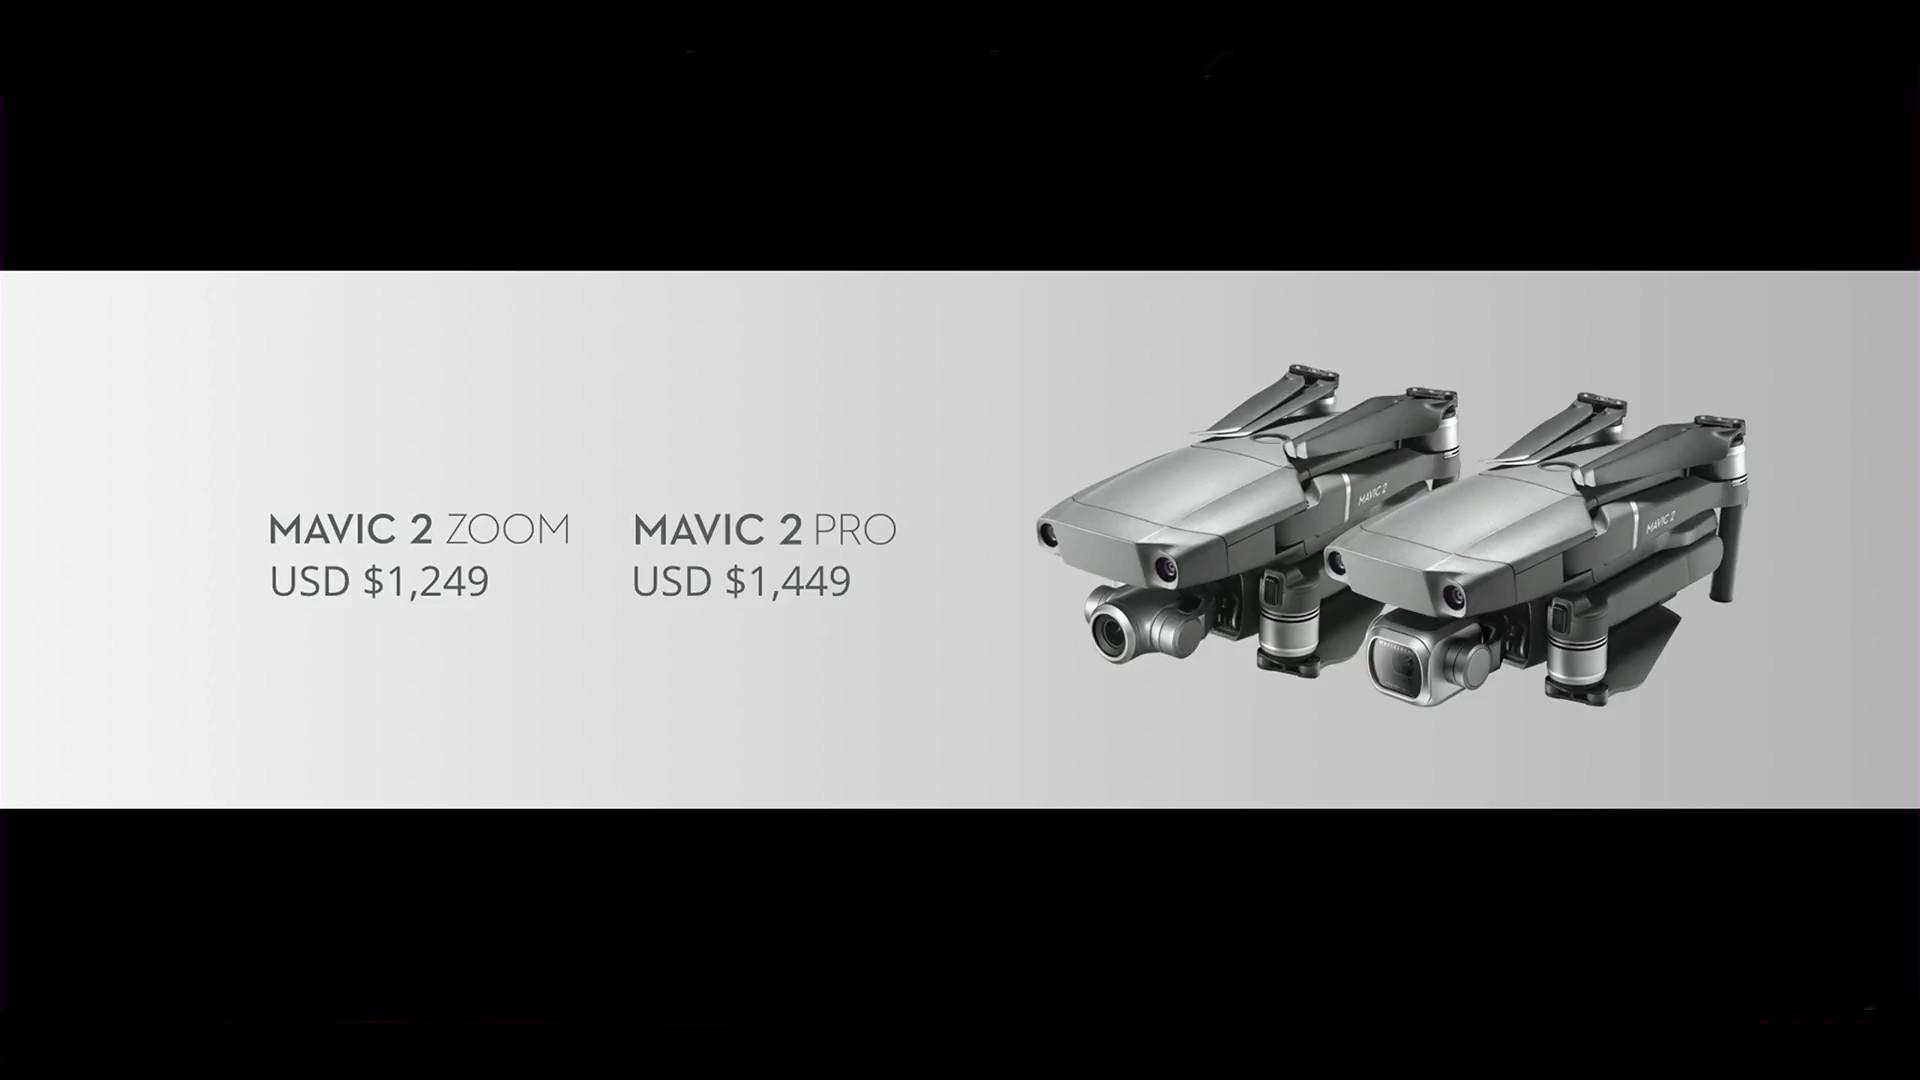 DJI Mavic 2 prezzi